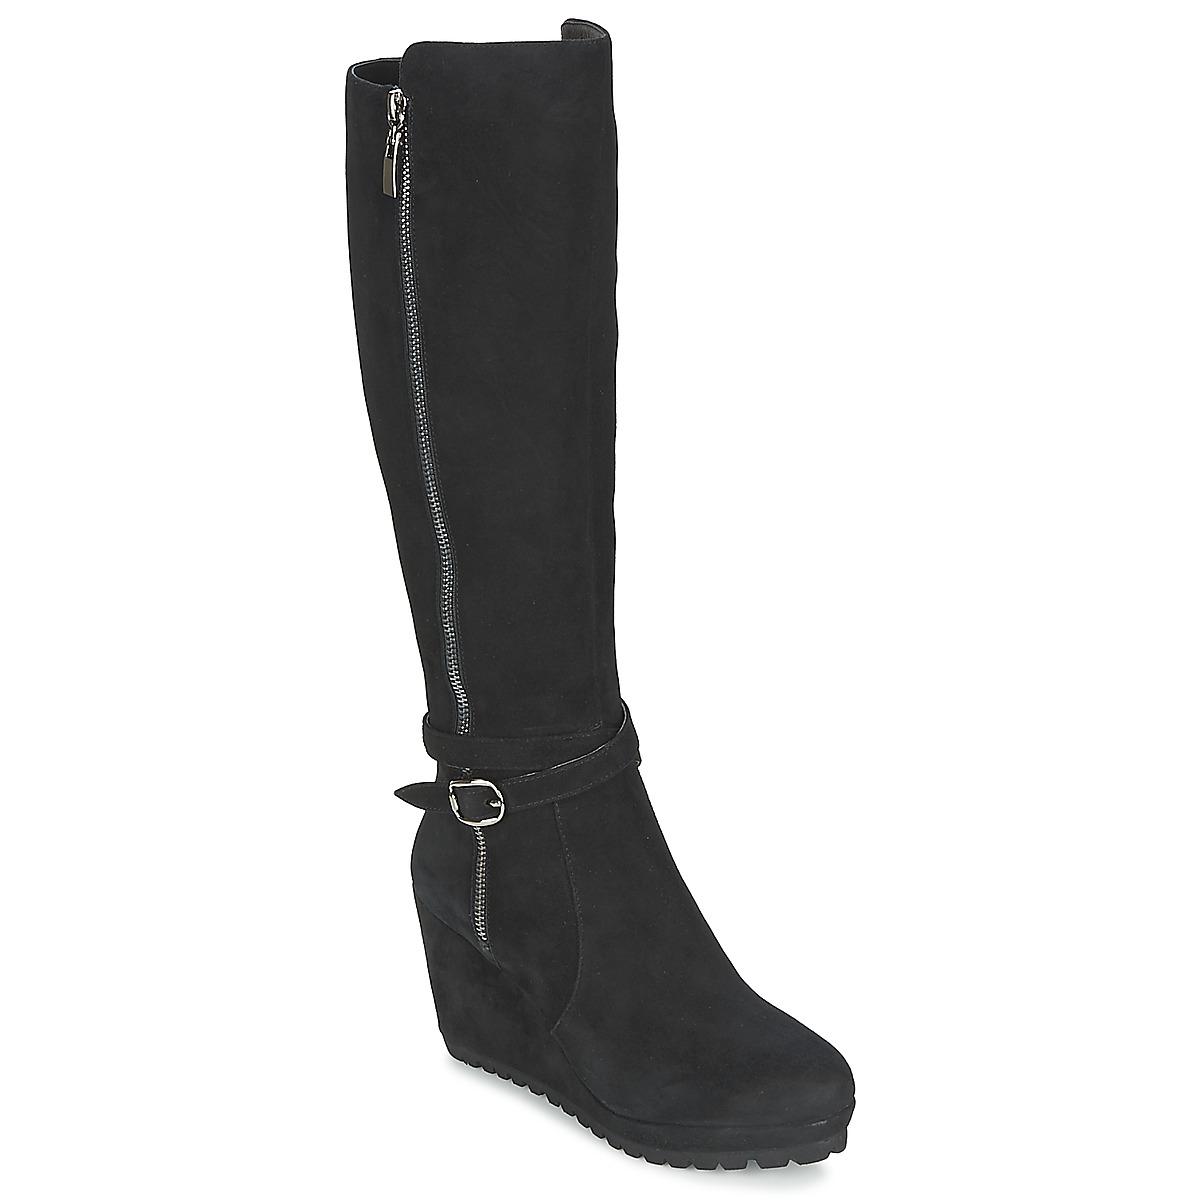 Moda In Pelle SITA Schwarz - Kostenloser Versand bei Spartoode ! - Schuhe Klassische Stiefel Damen 154,40 €